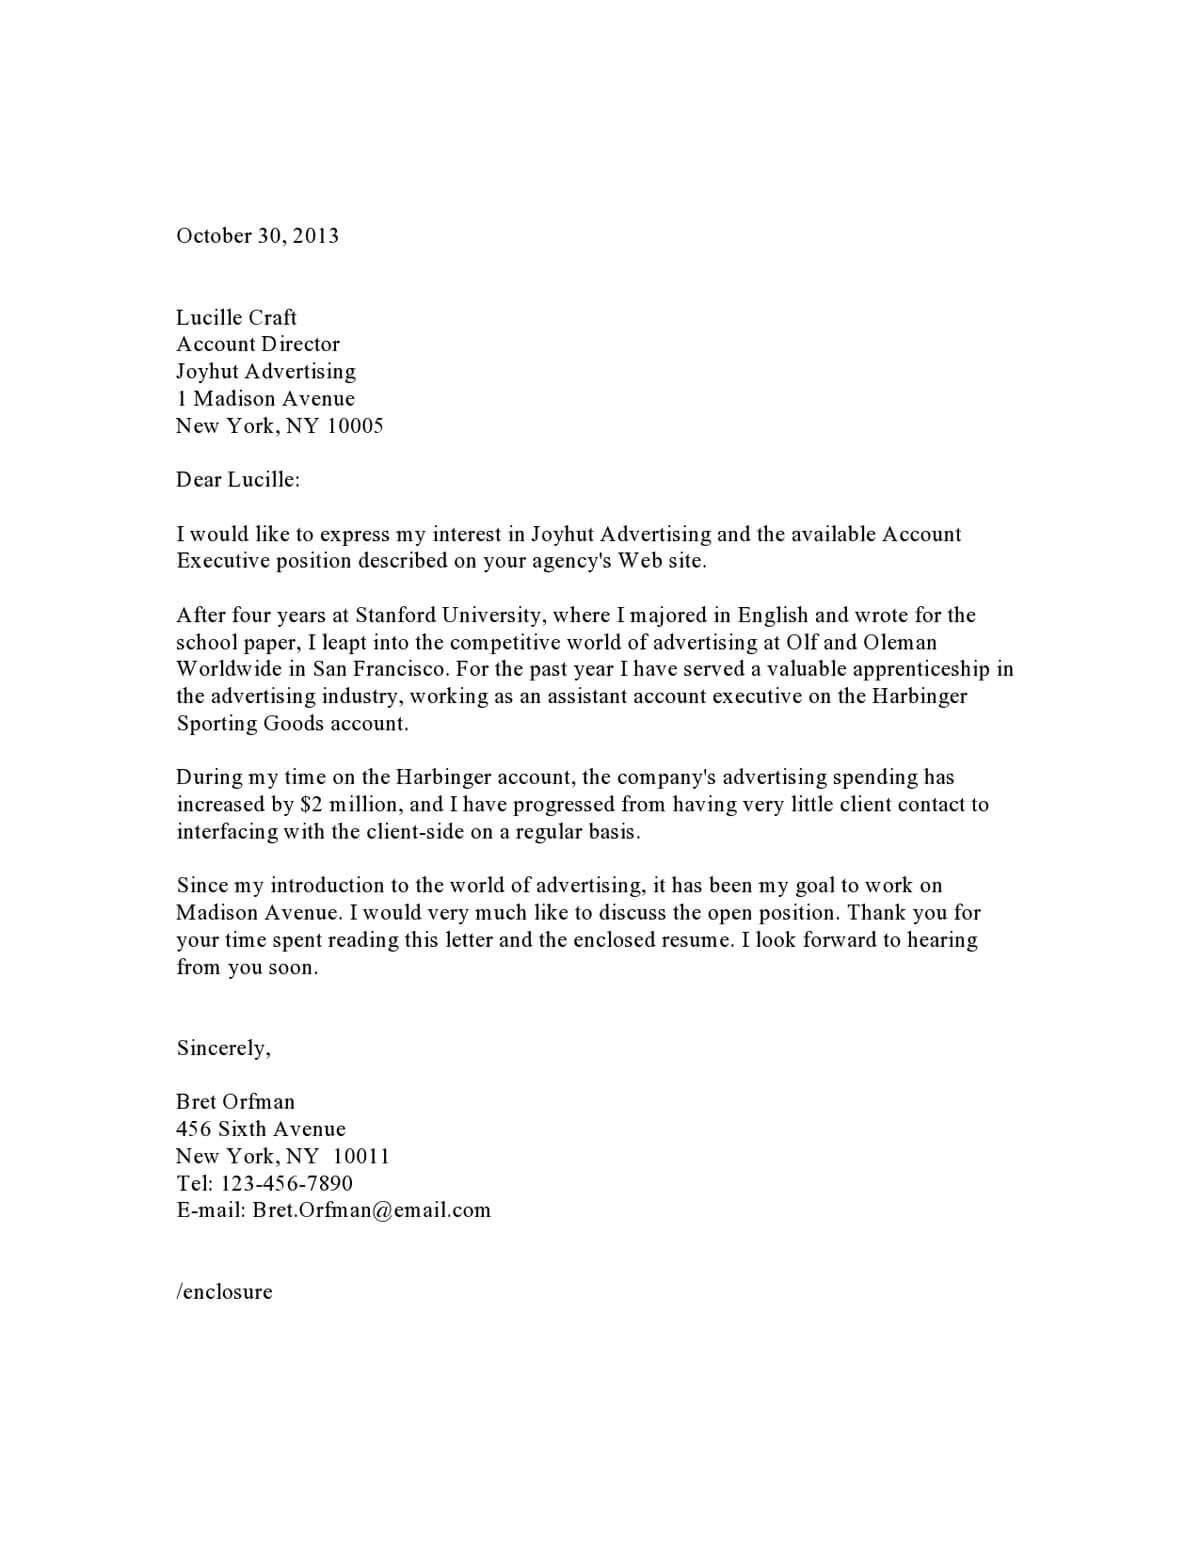 Contoh Surat Lamaran Kerja Dalam Bahasa Inggris ...